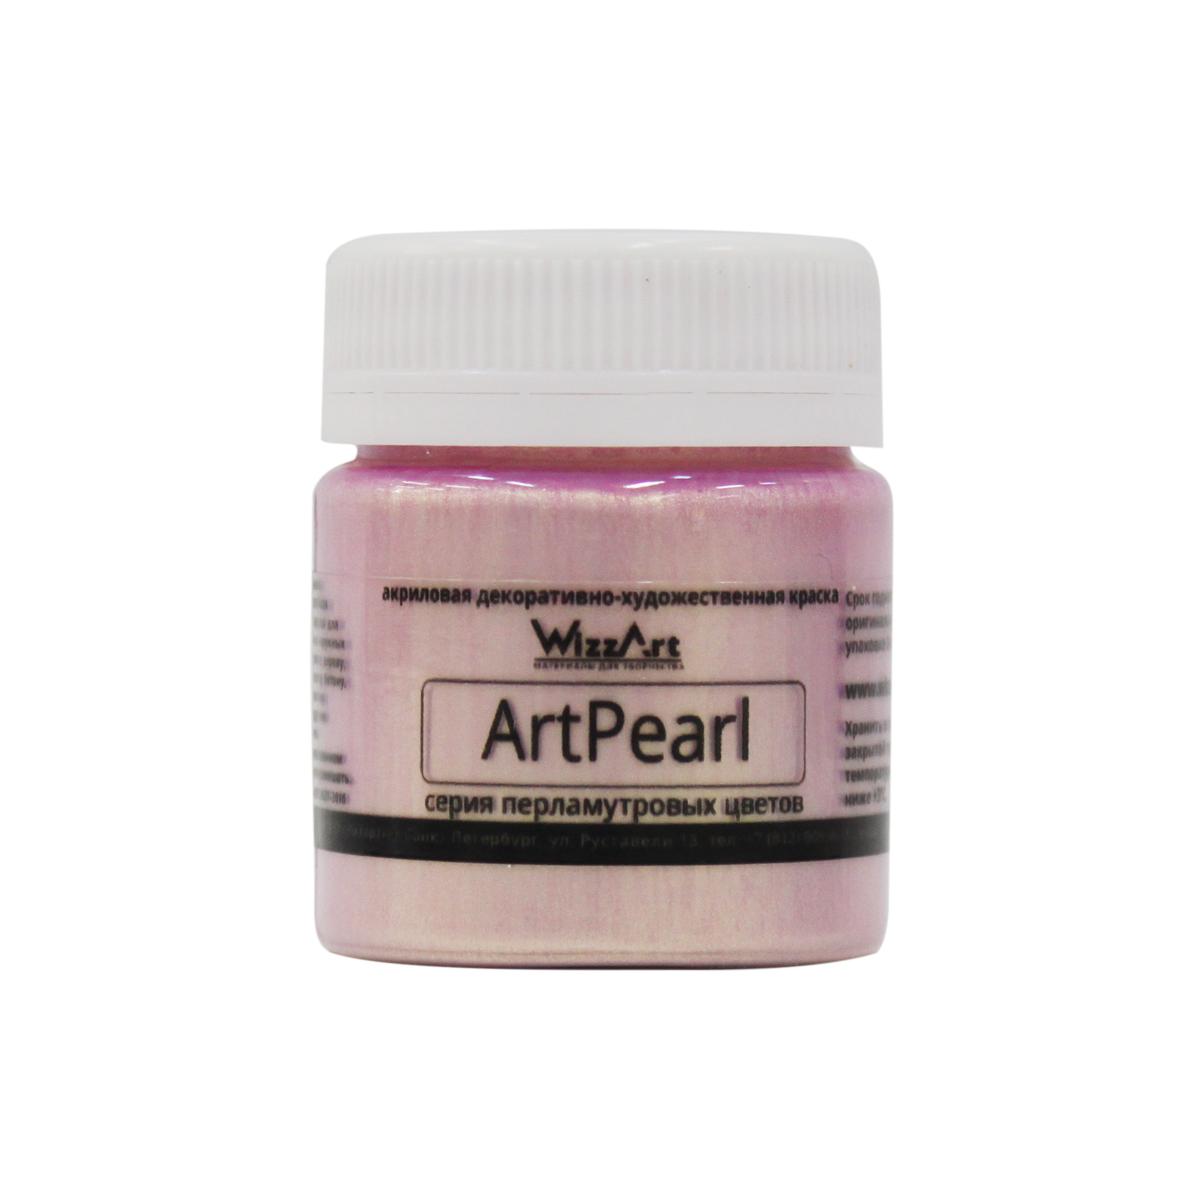 Краска акриловая Wizzart ArtPearl. Хамелеон, цвет: розовый, 40 мл501050Линейка акриловых красок WizzArt под названием ArtPearl. Хамелеон- это широкий ассортимент оттенков. Эффект хамелеона помогает создать красивейшие рисунки и замечательный декор. Акриловая краска быстро высыхает, прочно держится, создает ровную и гладкую поверхность, которая красиво переливается на свету. Ее мягкое сияние придаст изюминку любому произведению декоративно-прикладного искусства. Все краски WizzArt отлично совместимы между собой, что открывает широкие горизонты для реализации творческих идей. Ими можно декорировать посуду, открытки, рамки для фото, подарочные коробки, зеркала, елочные игрушки. Акриловые краски WizzArt обладают равномерной текстурой, отлично ложатся на любую обезжиренную поверхность и надежно держатся на ней после высыхания, надолго сохраняя яркость цвета и эластичность. Данные краски не содержат токсичных веществ и не имеют сильного запаха.Объем: 40 мл.Товар сертифицирован.